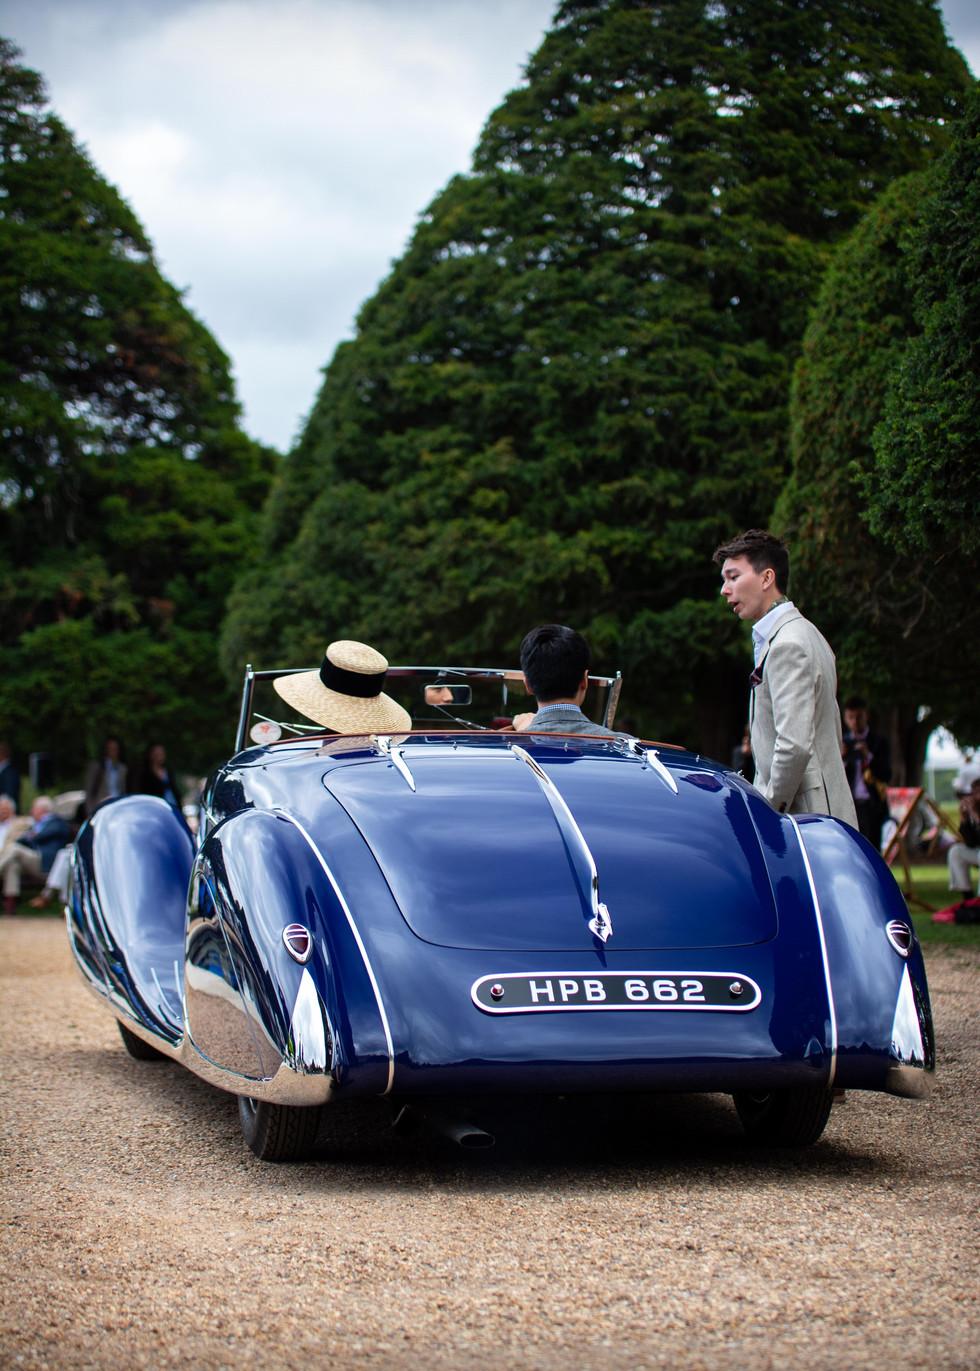 Coxinga Widjojo's 1938 Bugatti Type 57